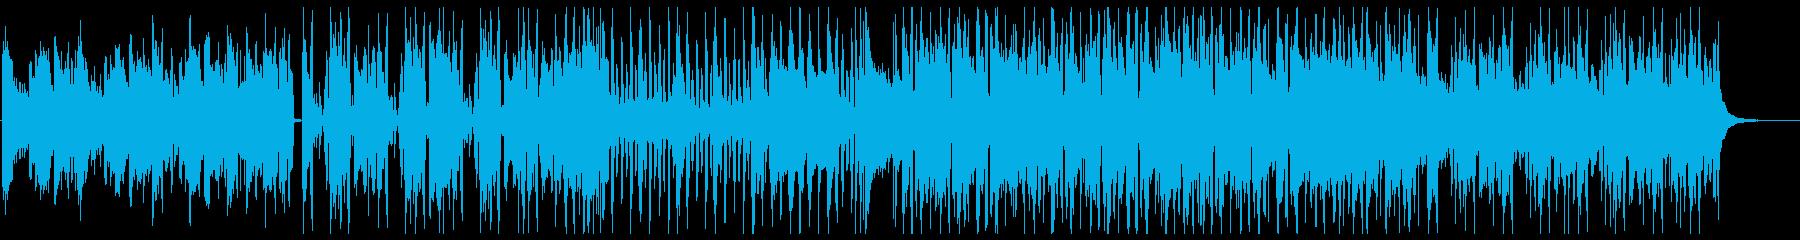 【CityPOP】落ち着いたポップBGMの再生済みの波形